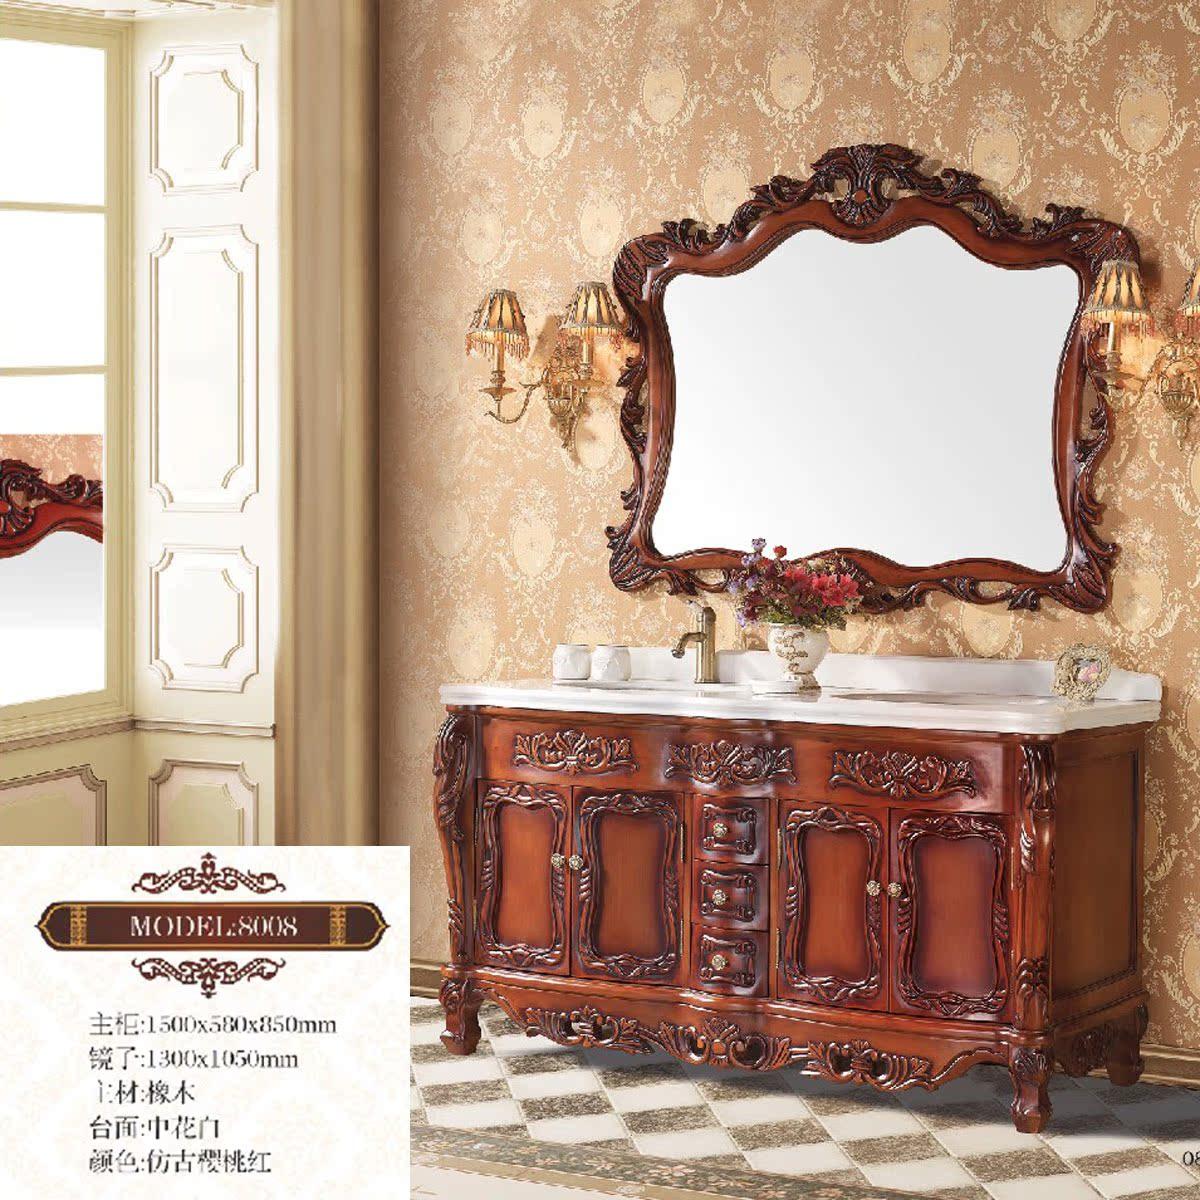 欧式仿古 浴室柜 橡木双盆 落地柜 卫浴柜浴柜 组合柜 8008